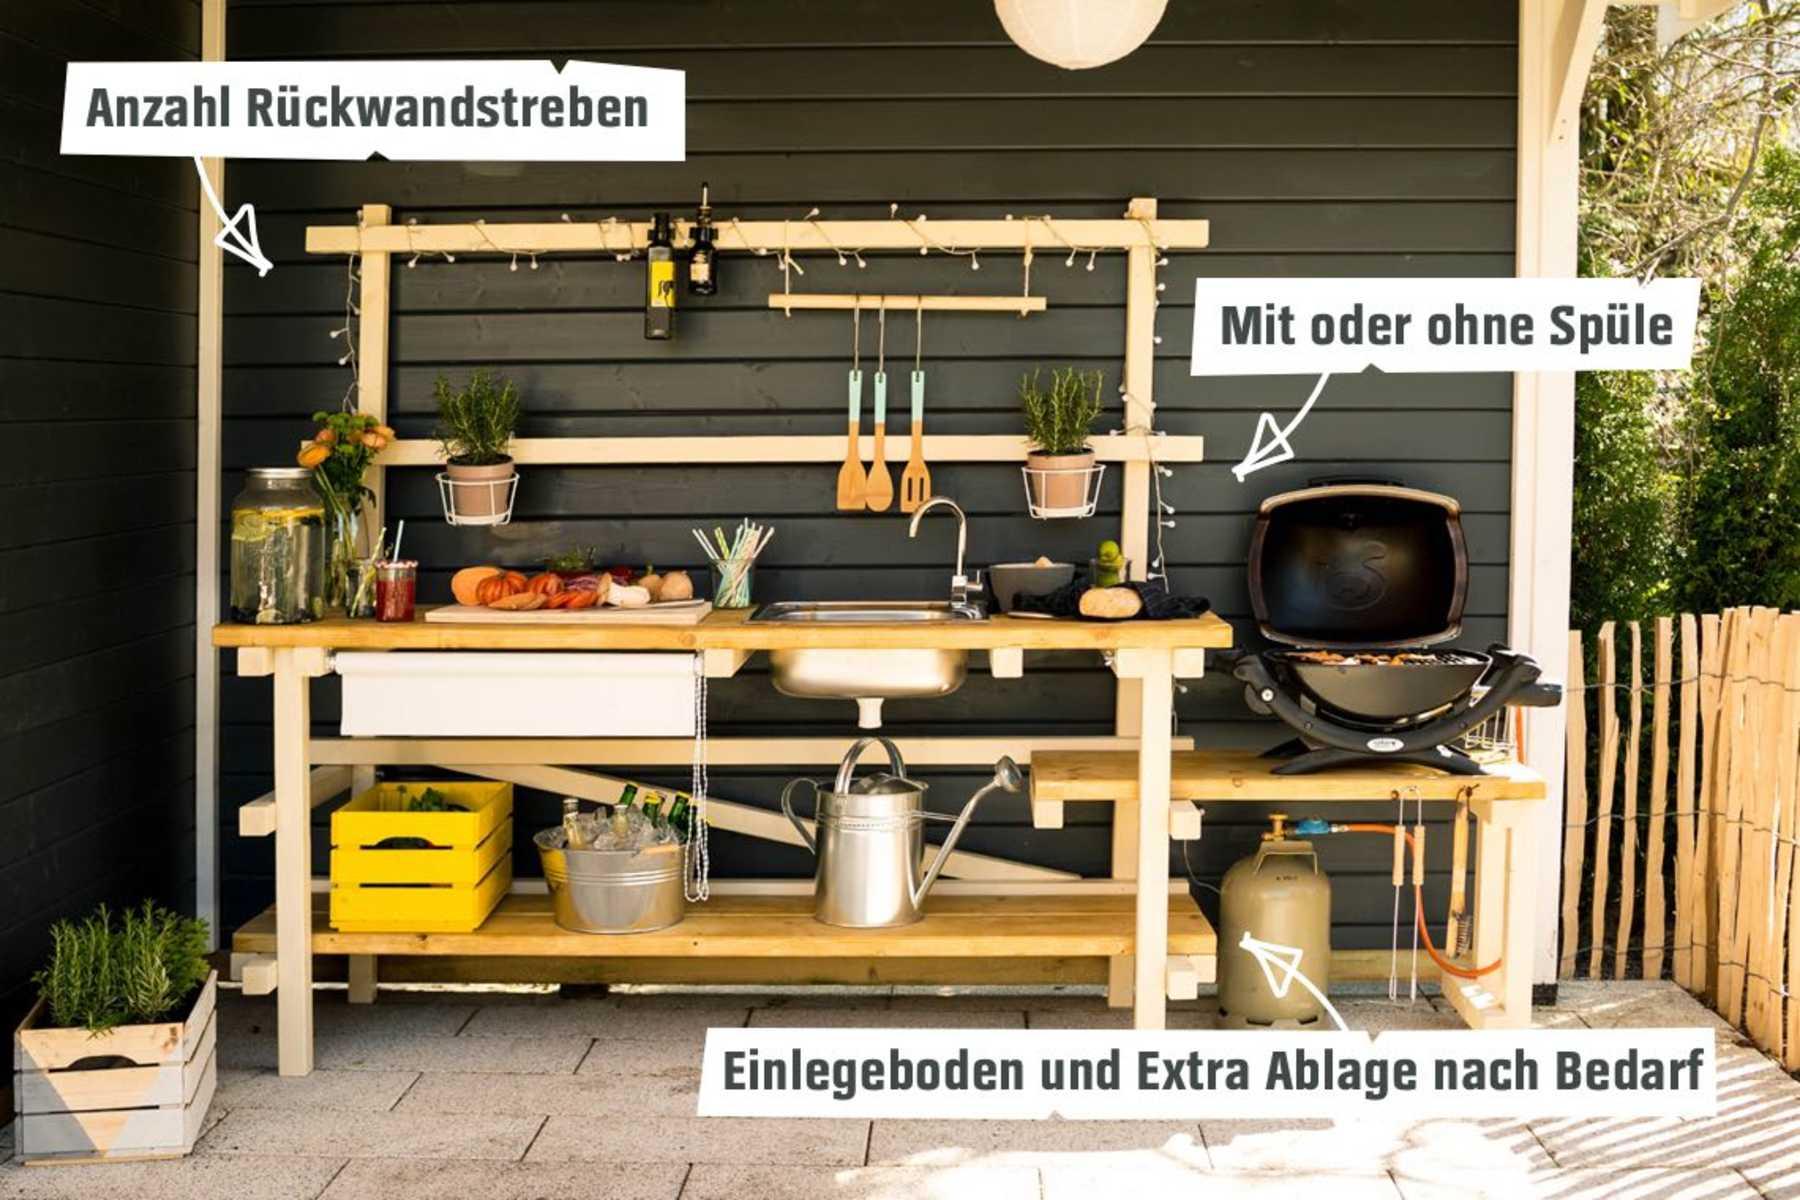 Outdoorküche Kinder Vergleich : Outdoorküche alfons selber bauen gartenmöbel obi selbstbaumöbel